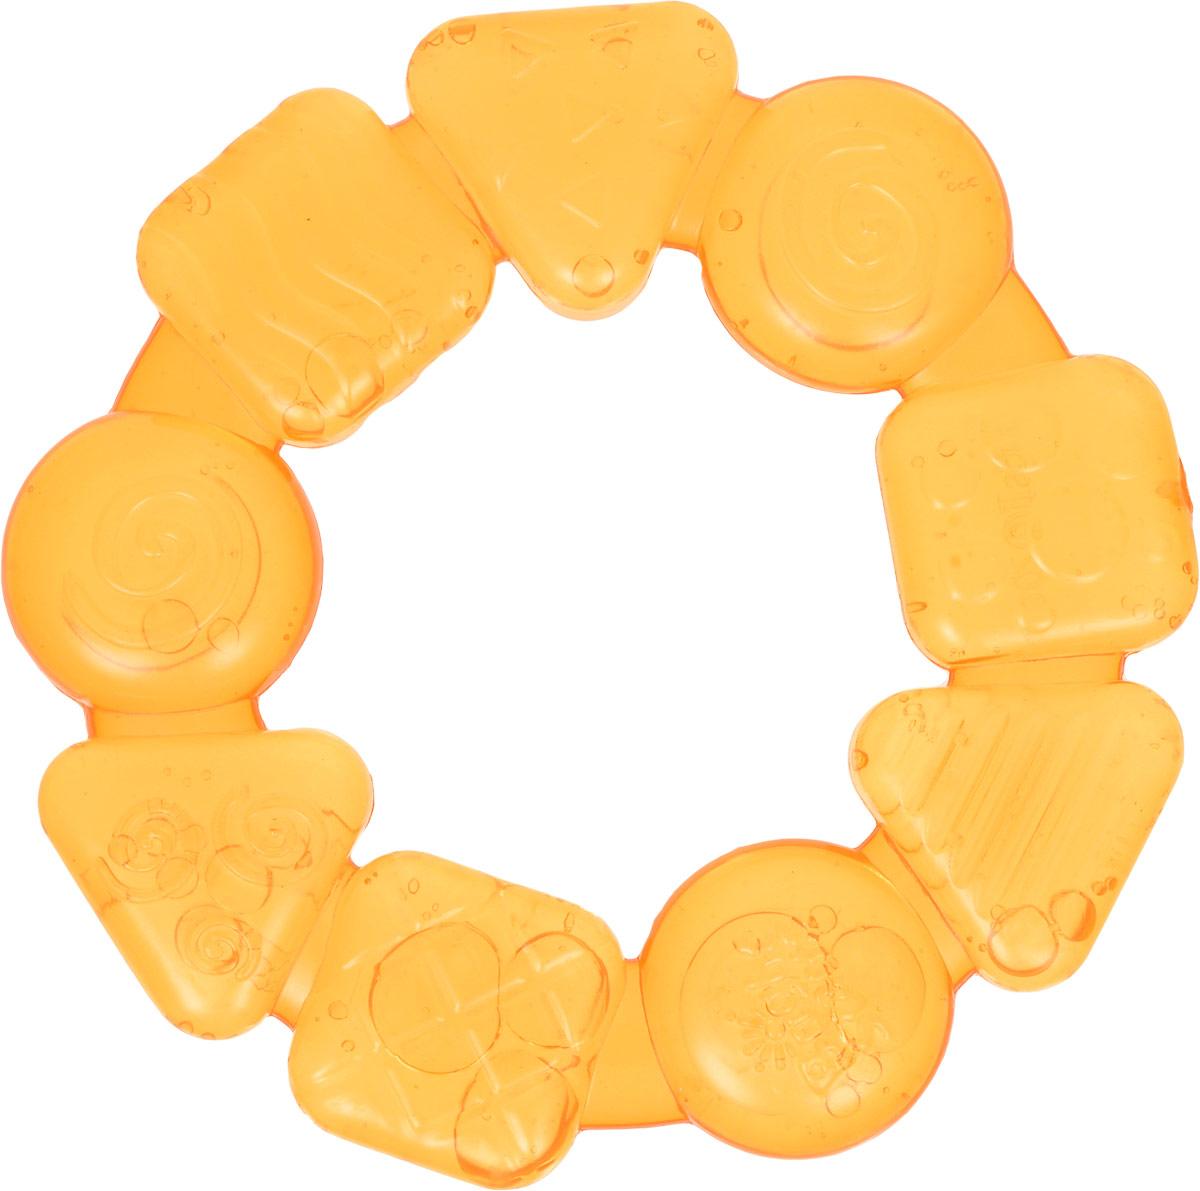 Bright Starts Прорезыватель Карамельный круг цвет желтый10204-1Прорезыватель Карамельный круг рекомендуется для детей, у которых начинают прорезываться зубы. Он изготовлен из мягкого и в тоже время прочного пластика, наполненного чистой водой. Прорезыватель имеет форму круга, состоящего из конфеток разной формы. Мягкий и круглый прорезыватель удобно держать маленькими ручками. Прорезыватель рекомендуется хранить в холодильнике (только не в морозильной камере). В охлажденном состоянии прорезыватель оказывает легкое анестезирующее действие, мягко массирует десны малыша и уменьшает дискомфорт при появлении зубов. Прорезыватель развивает мелкую моторику, воображение, концентрацию внимания и цветовое восприятие ребенка.